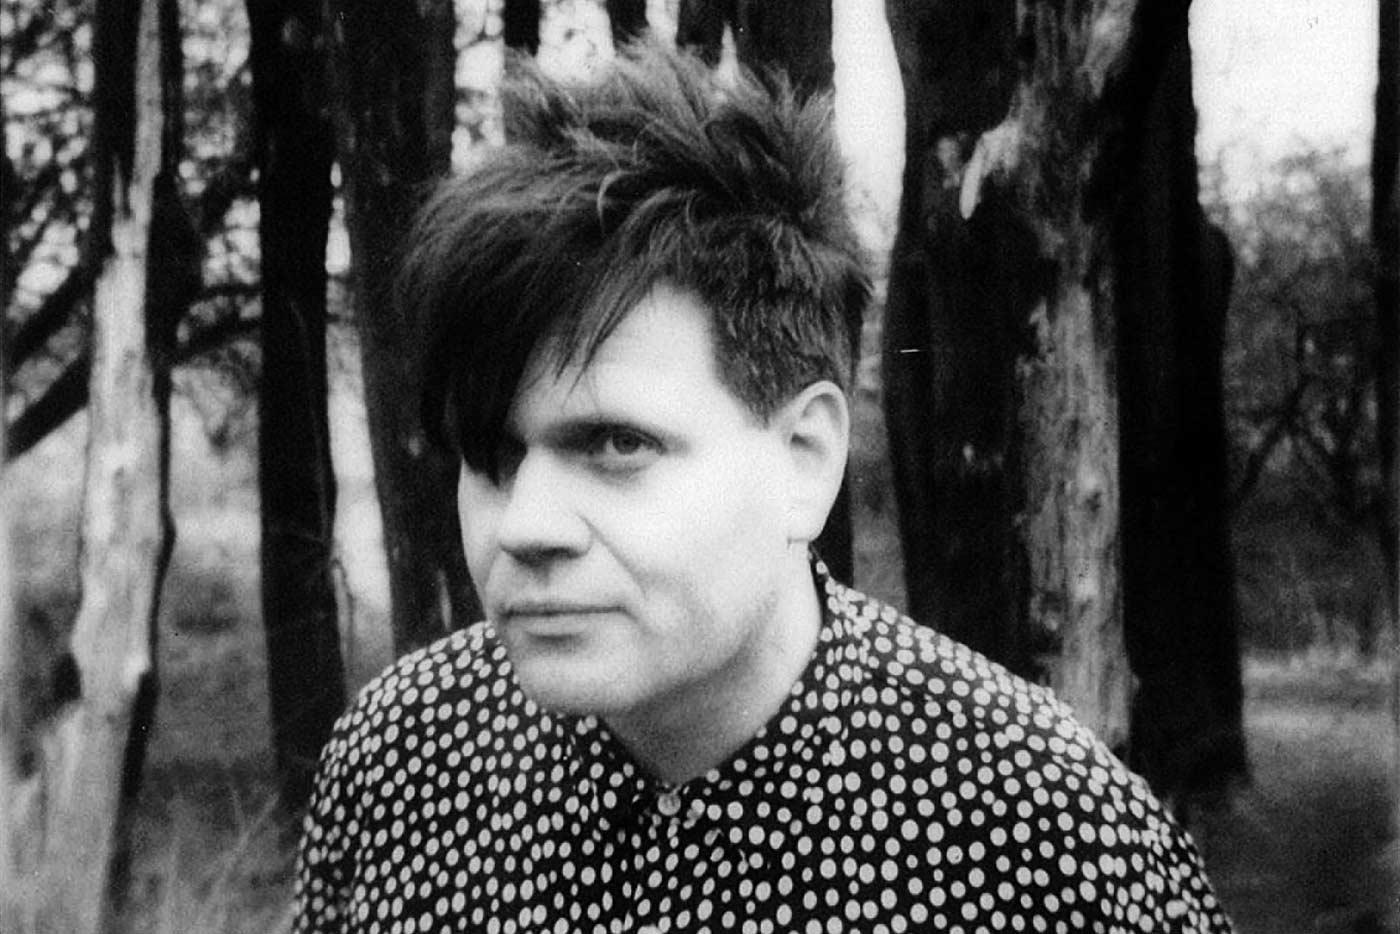 """Trentemøller vuelve con nuevo single, """"Sleeper"""""""